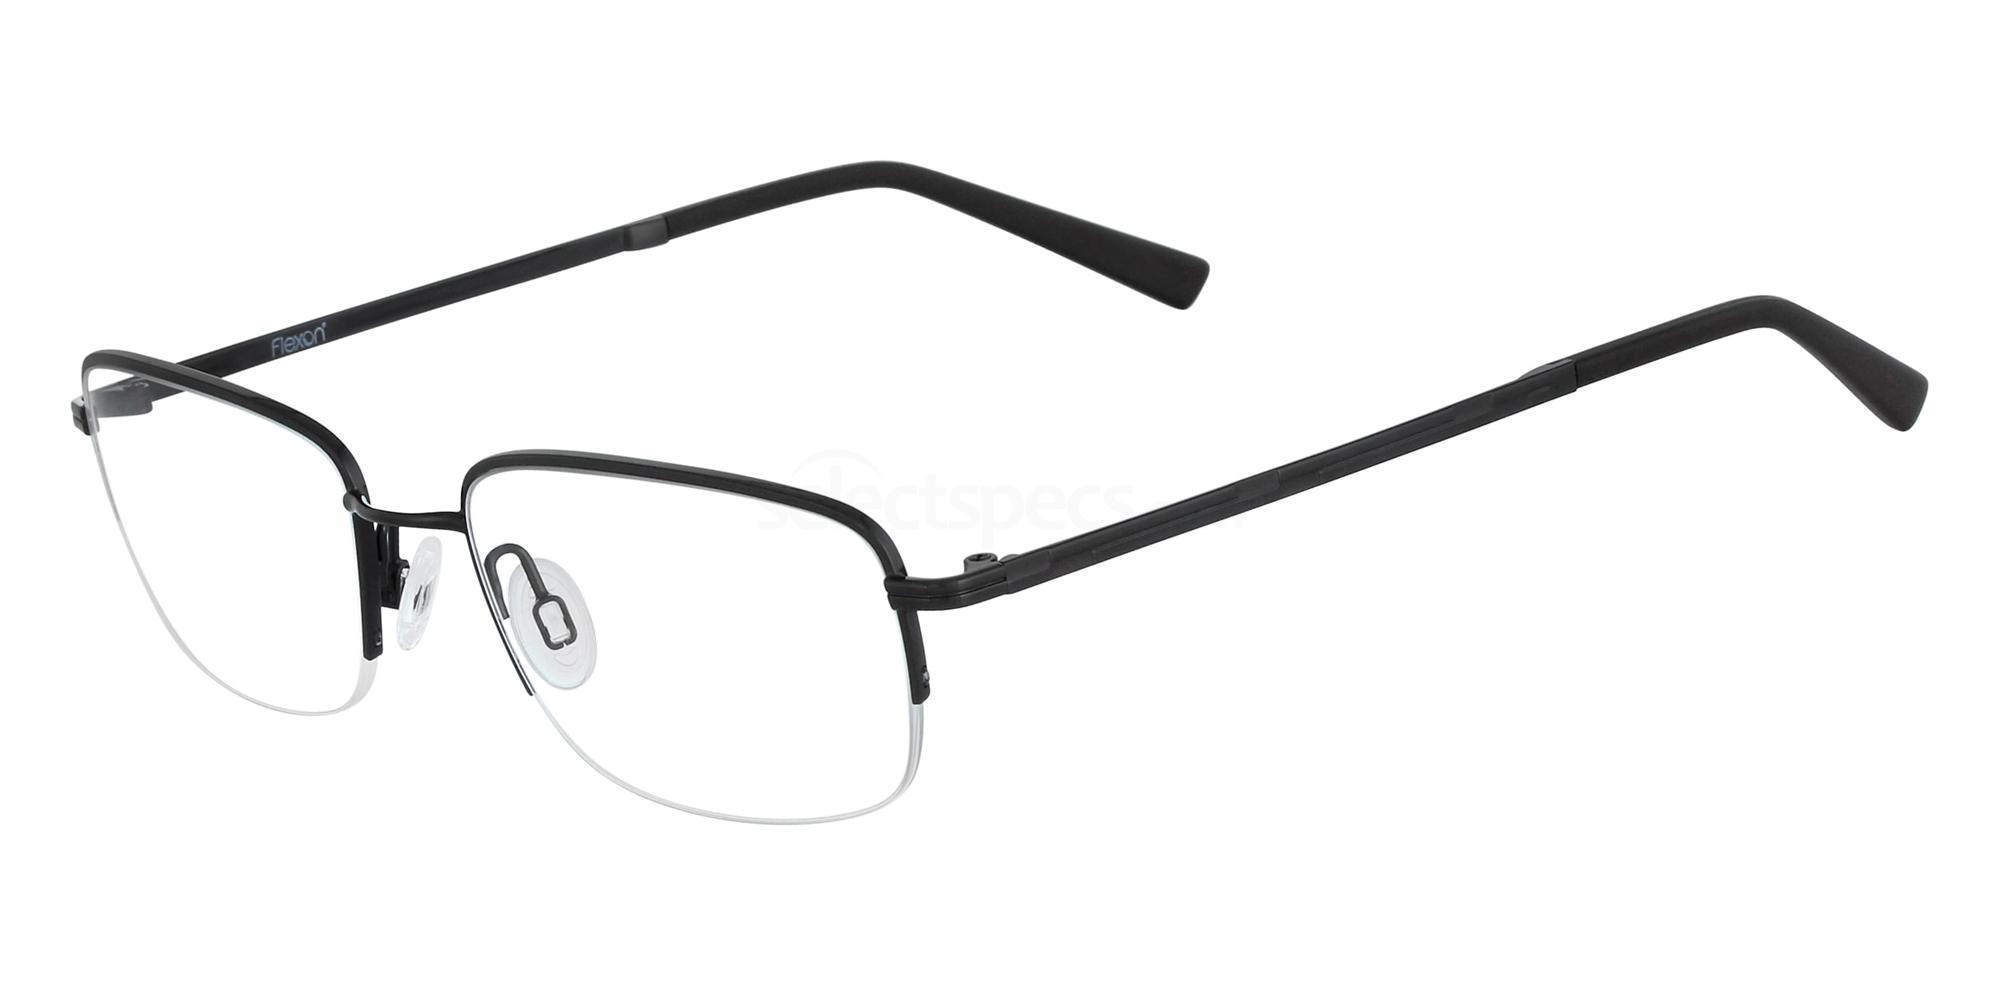 001 FLEXON MELVILLE 600 Glasses, Flexon